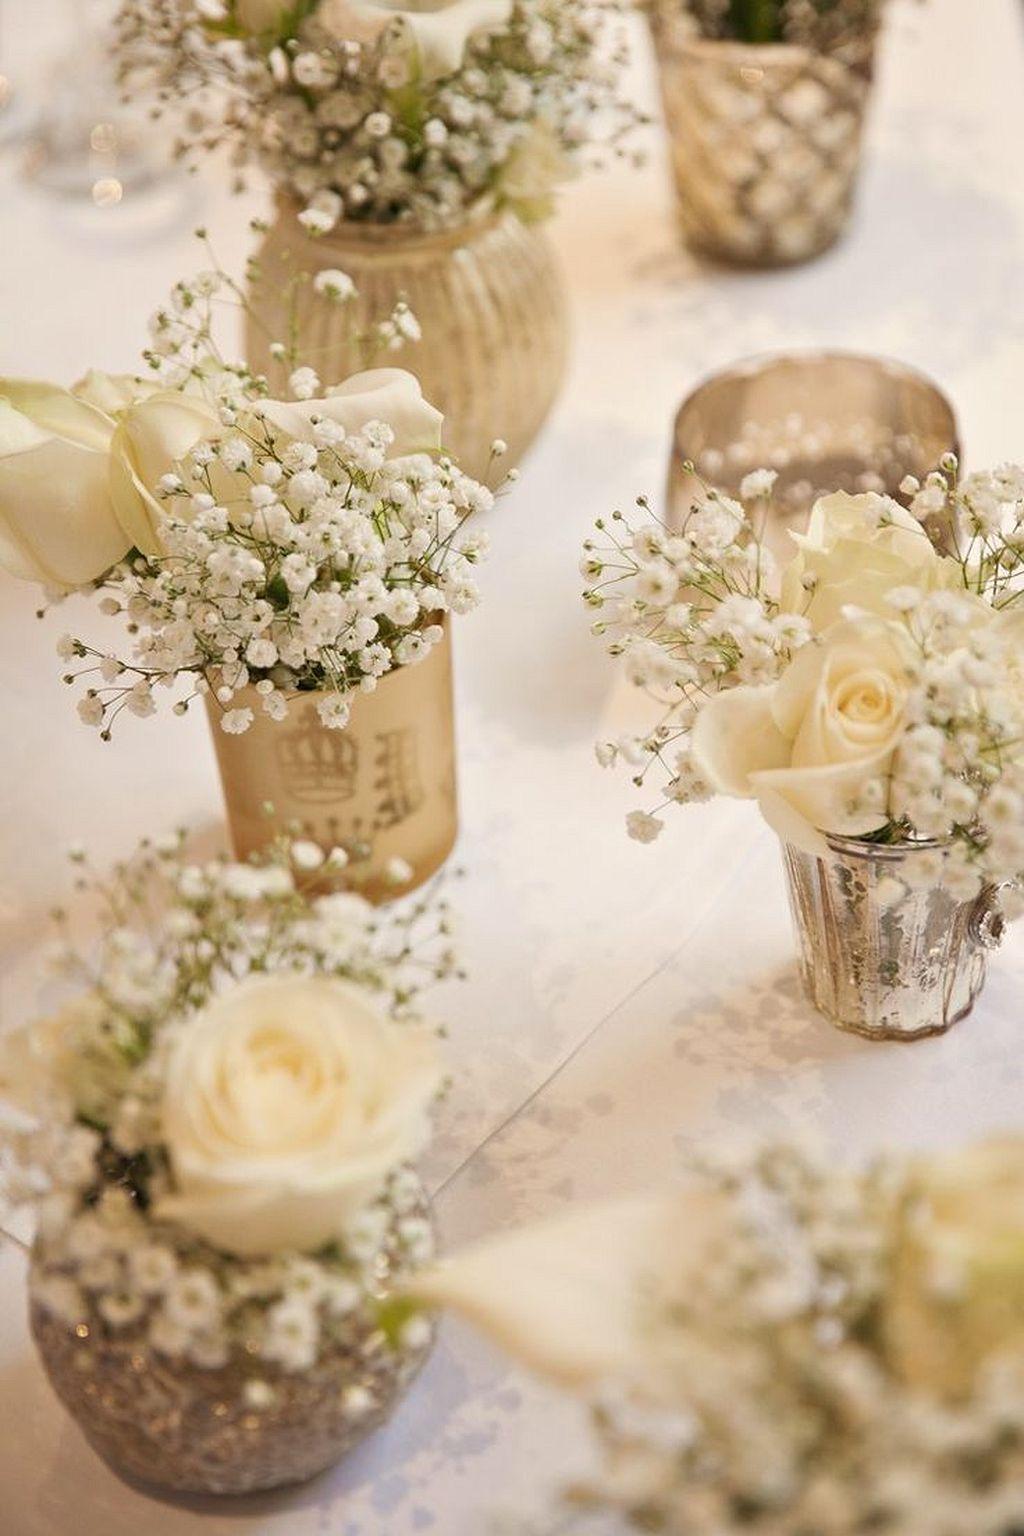 50th wedding decorations ideas   elegant floral wedding centerpiece ideas   Floral wedding